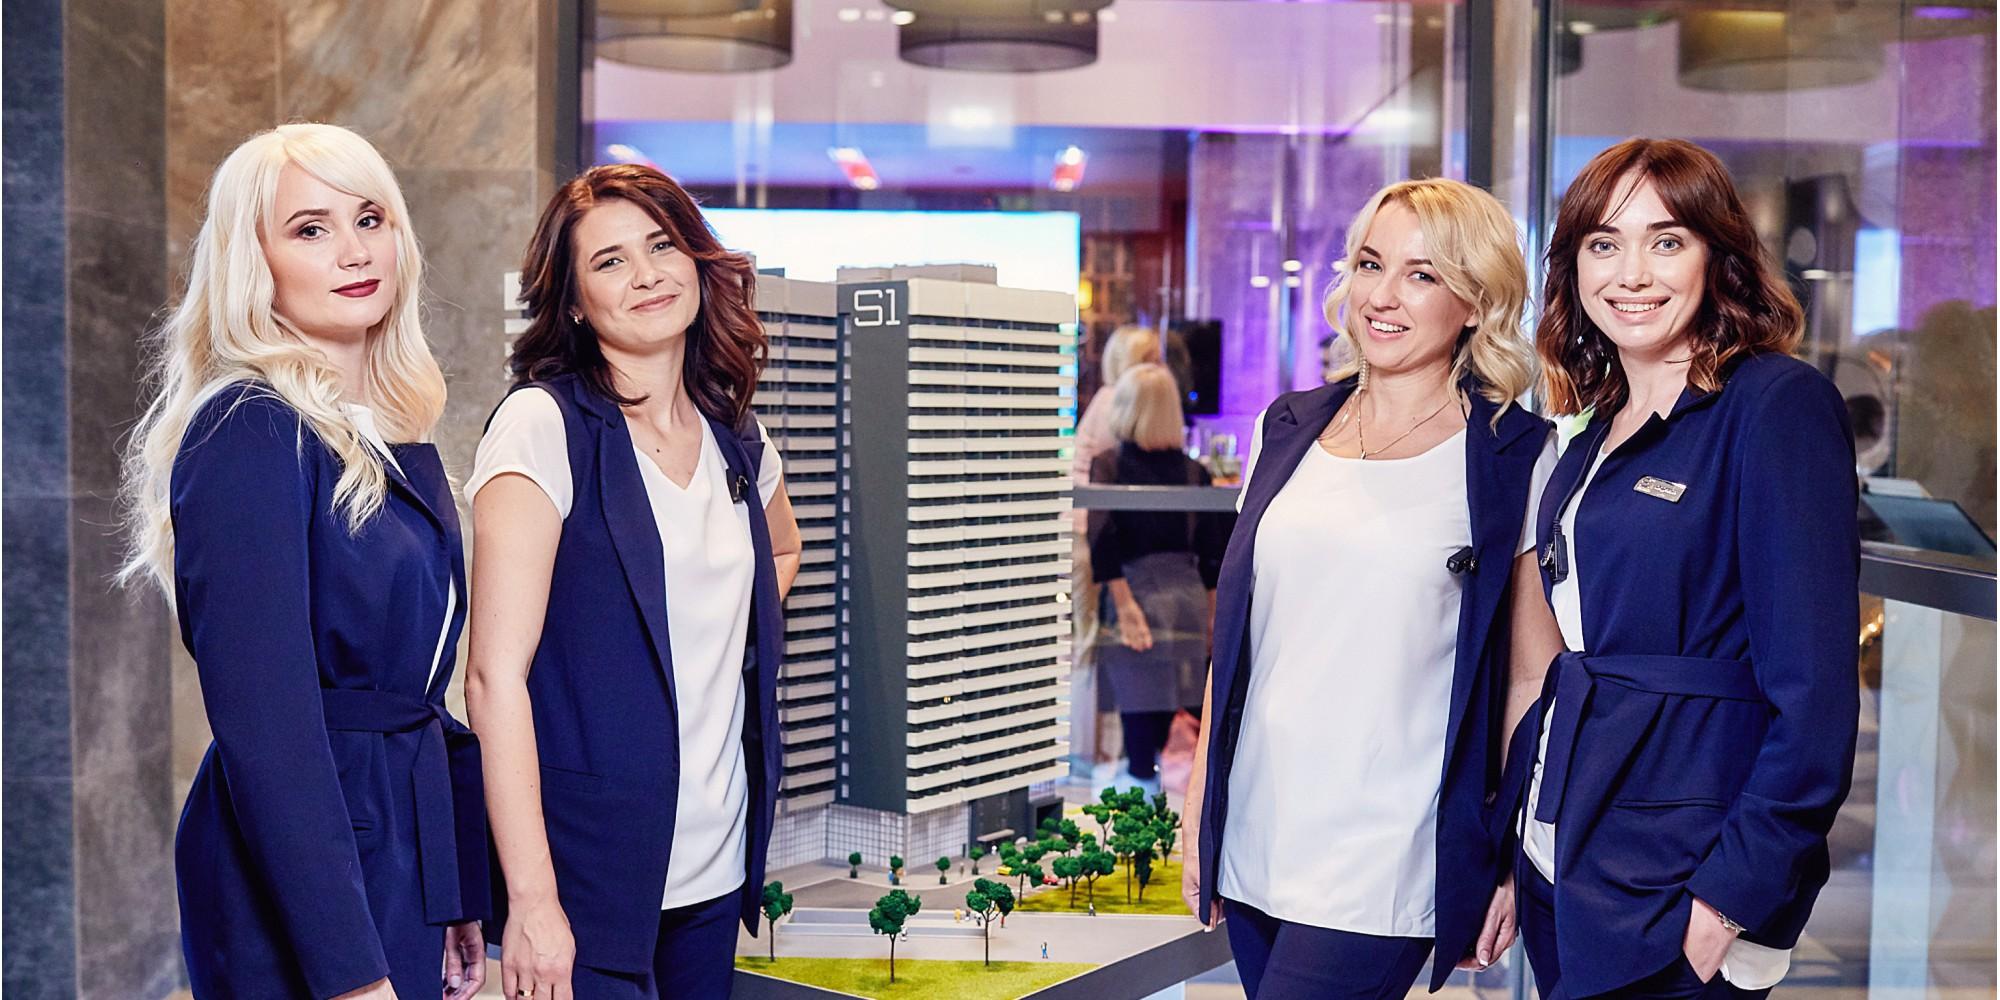 .משרד המכירות של סטנדרט החיים החדשים BURO S1